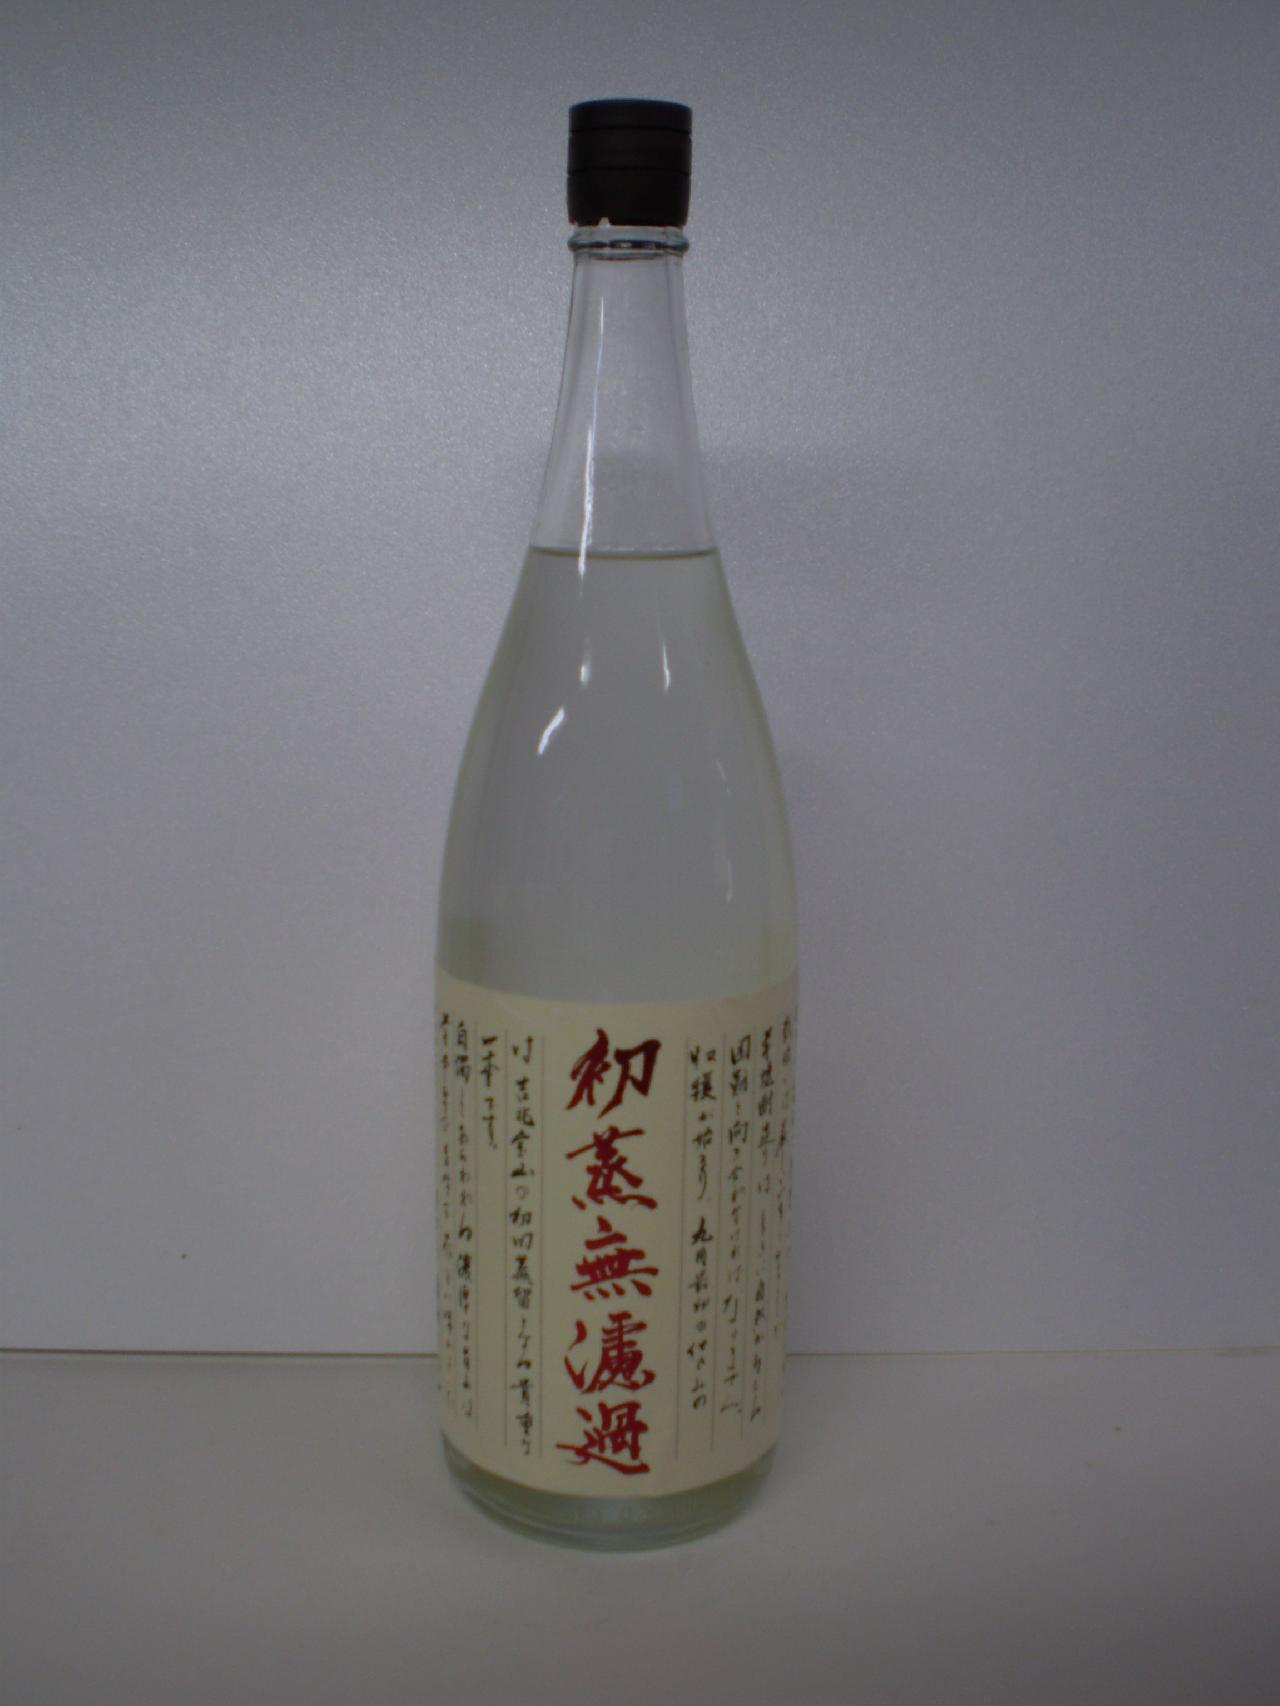 初蒸無濾過 吉兆宝山 1800ml 西酒造